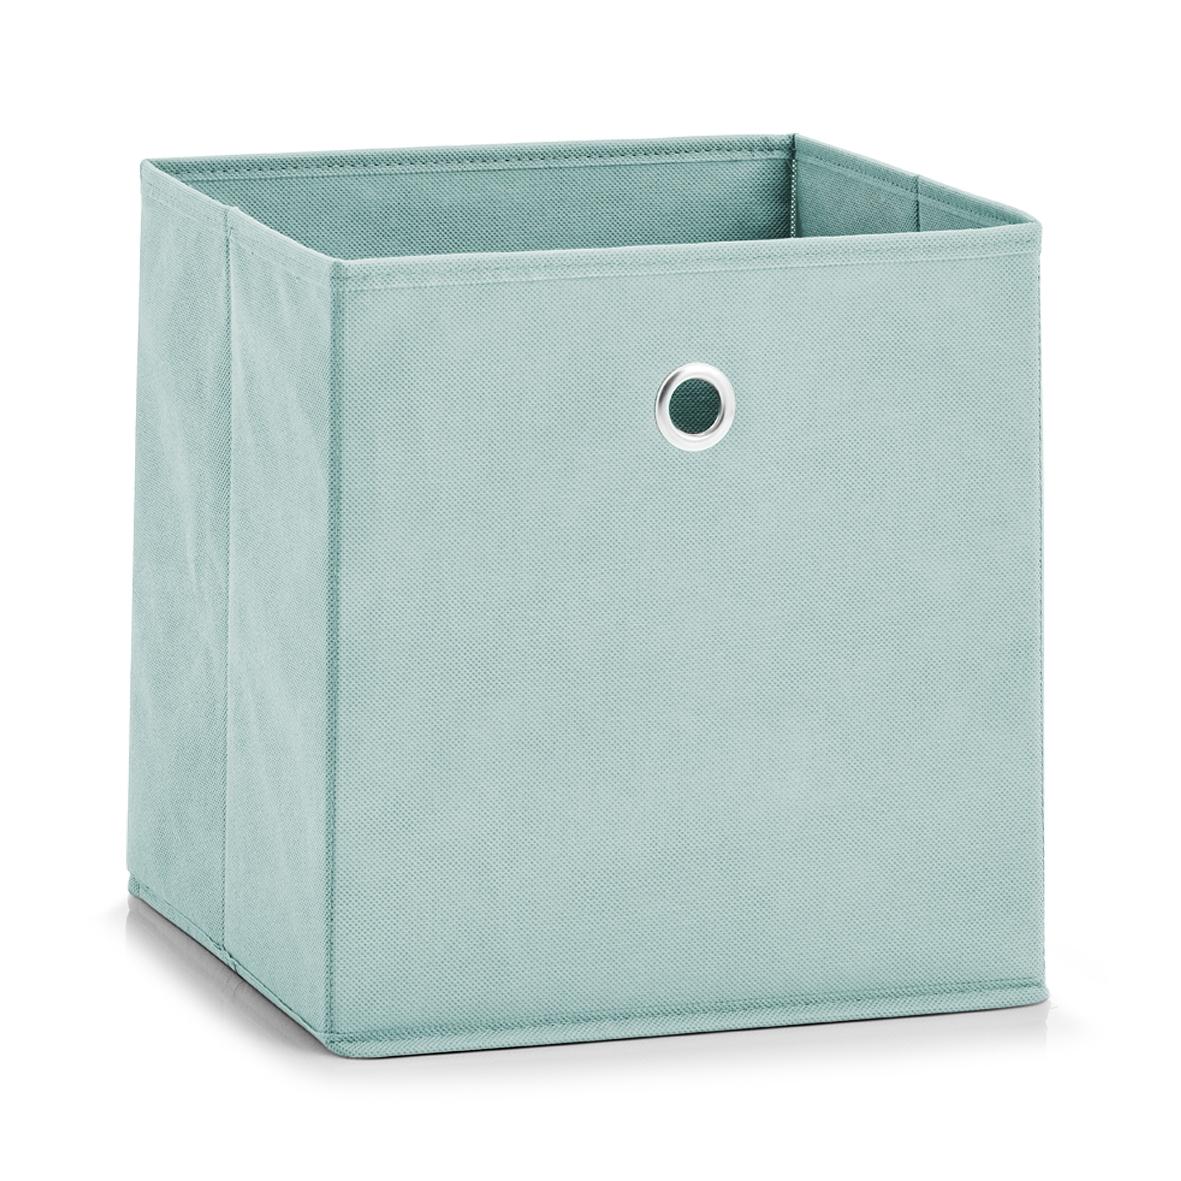 Cutie pentru depozitare Fleece, Pastel Colors, l28xA28xH28 cm imagine